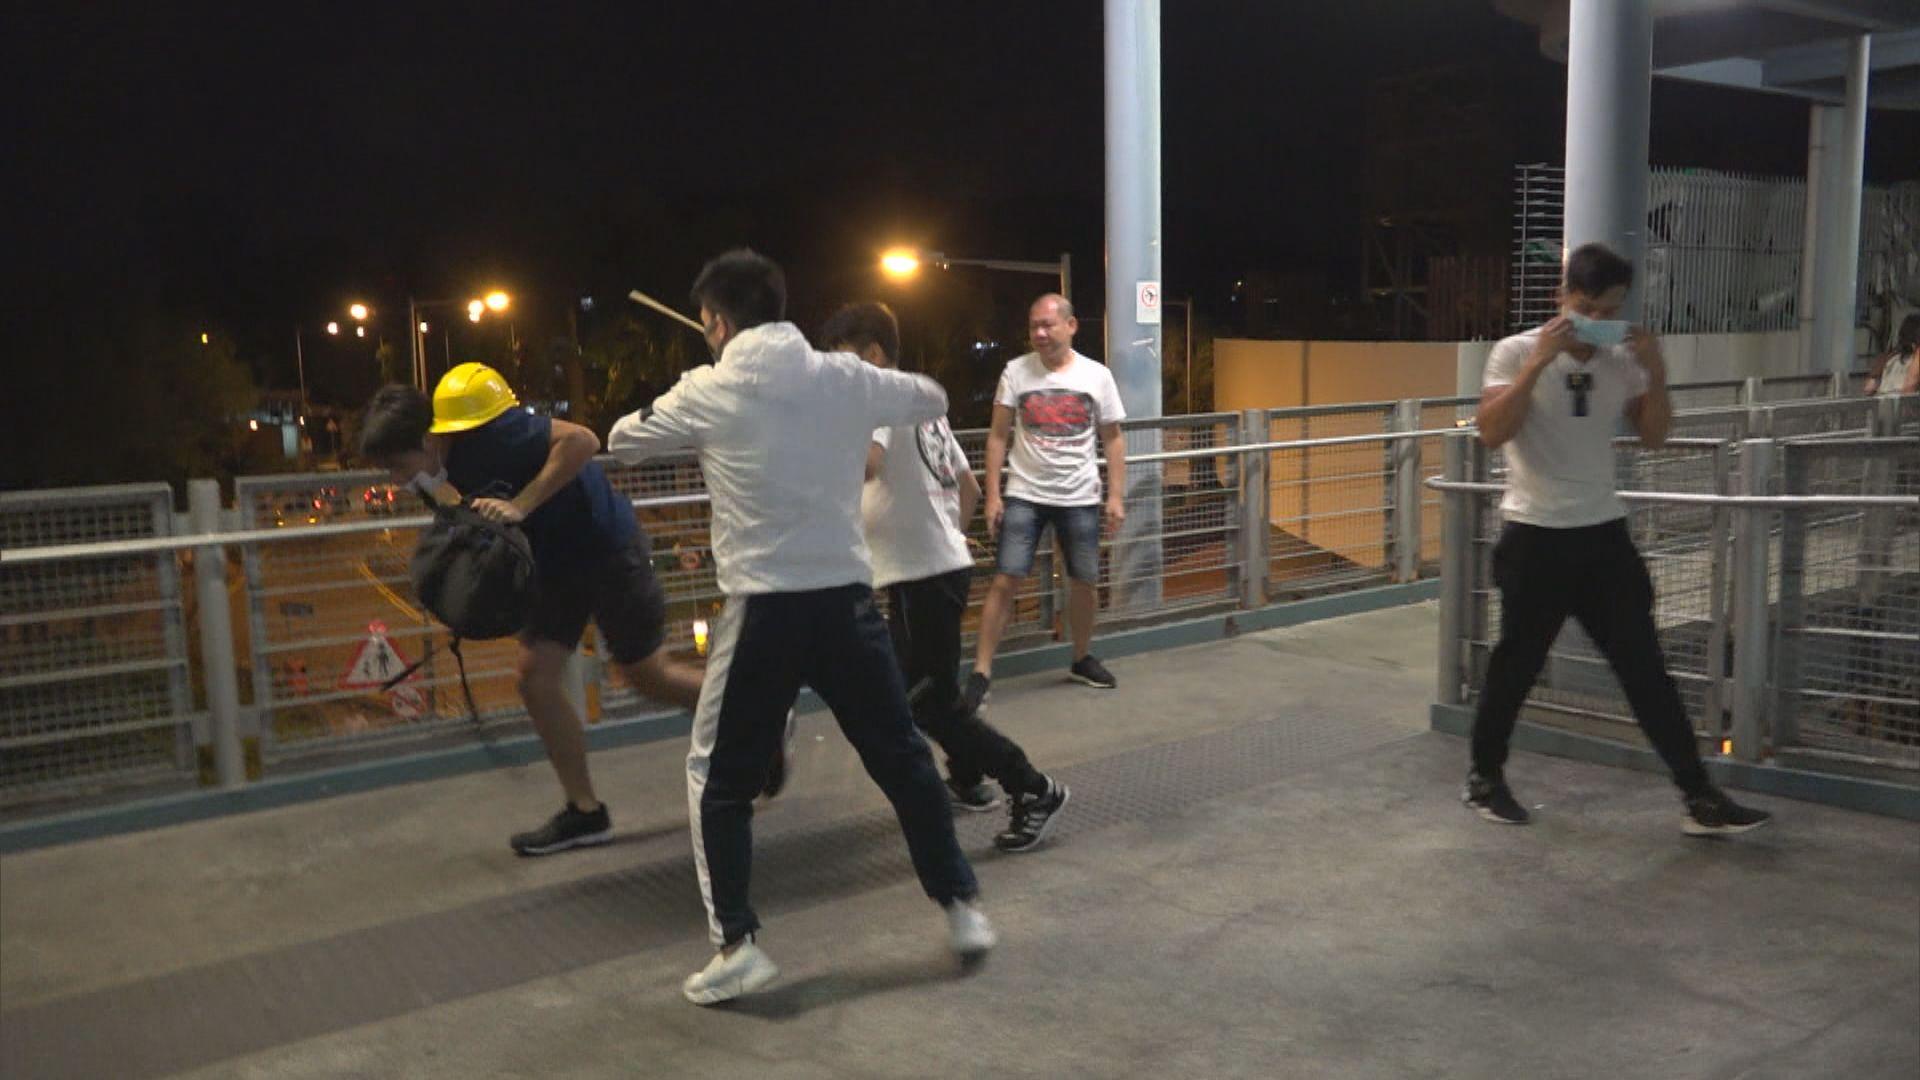 警拘一人涉參與721元朗暴動 據悉當天於站內穿黑衣